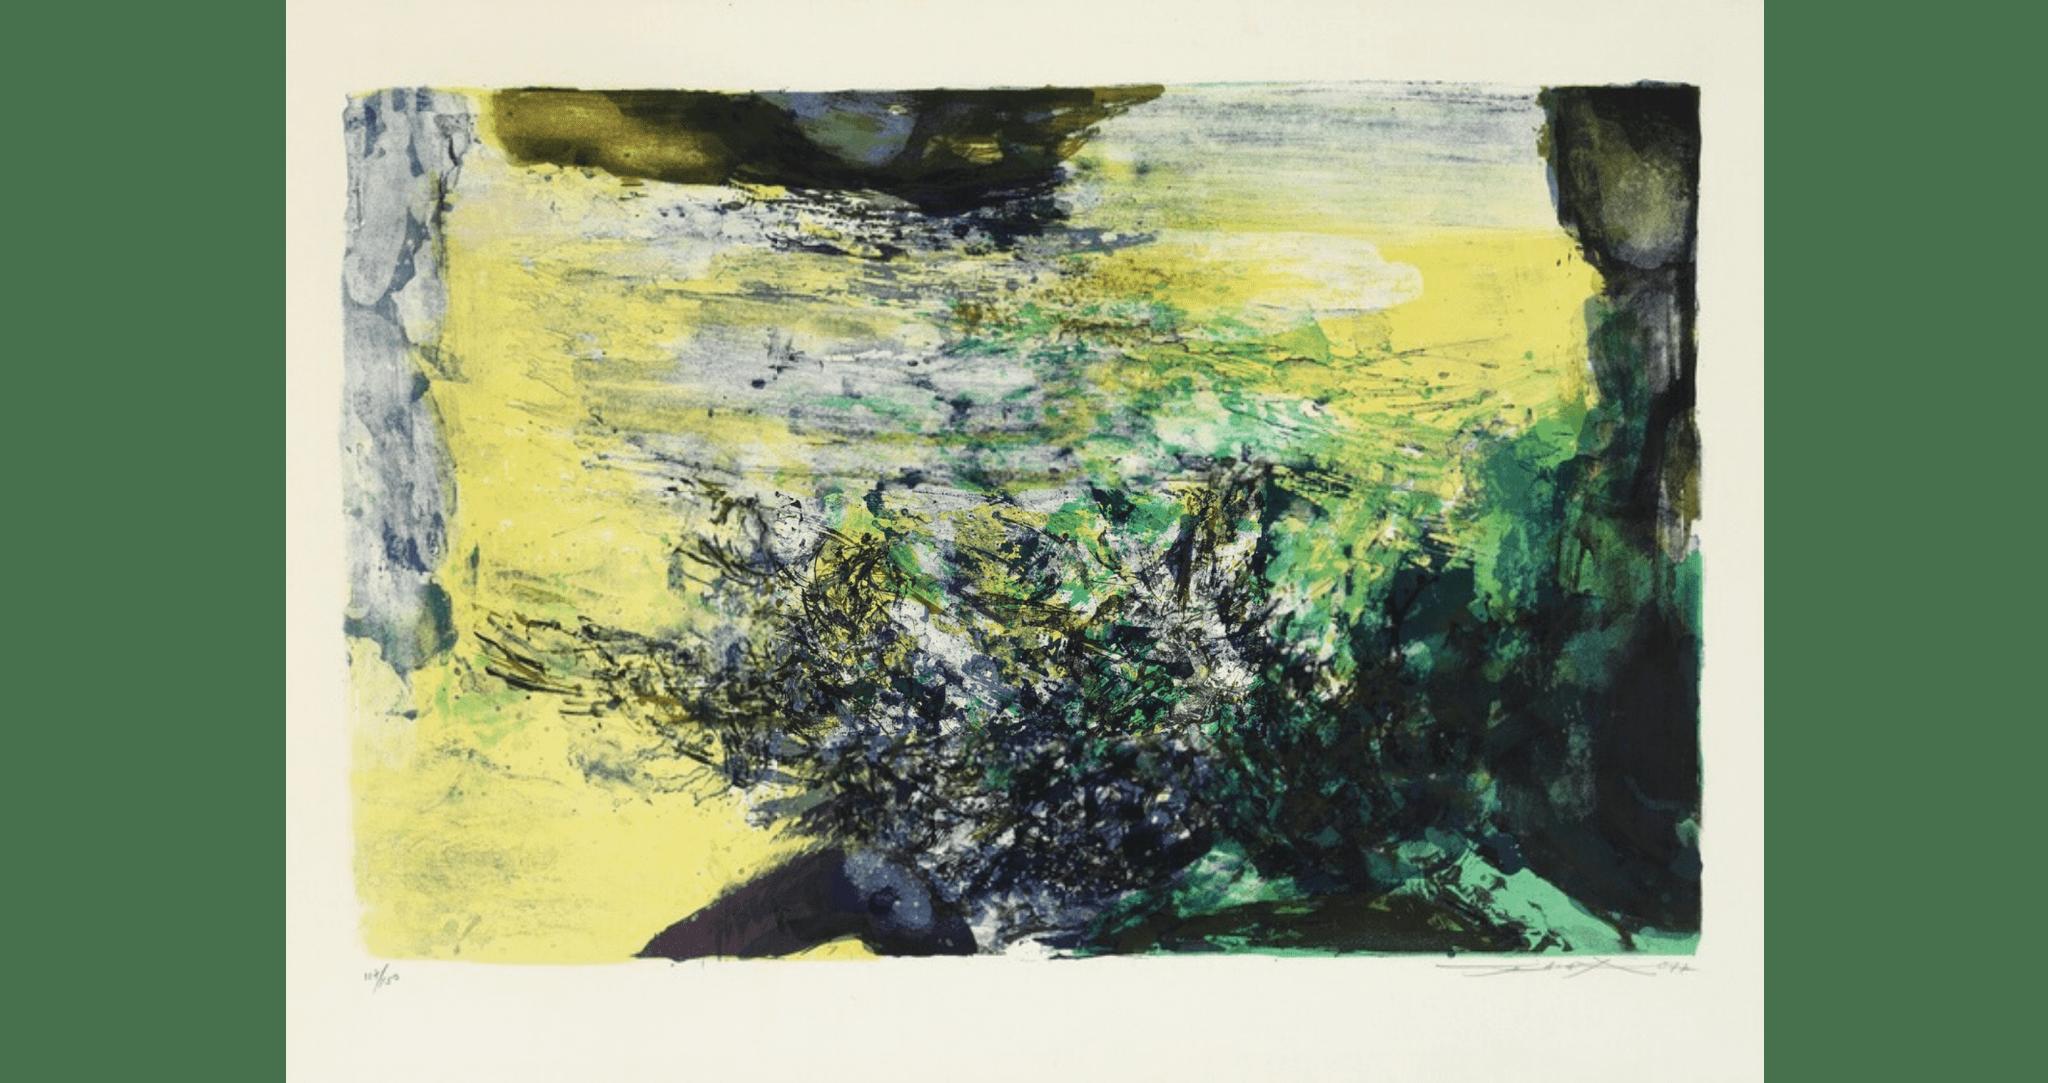 Untitled, lithographie sur Arches. 54×75 cm, éd. de 150.